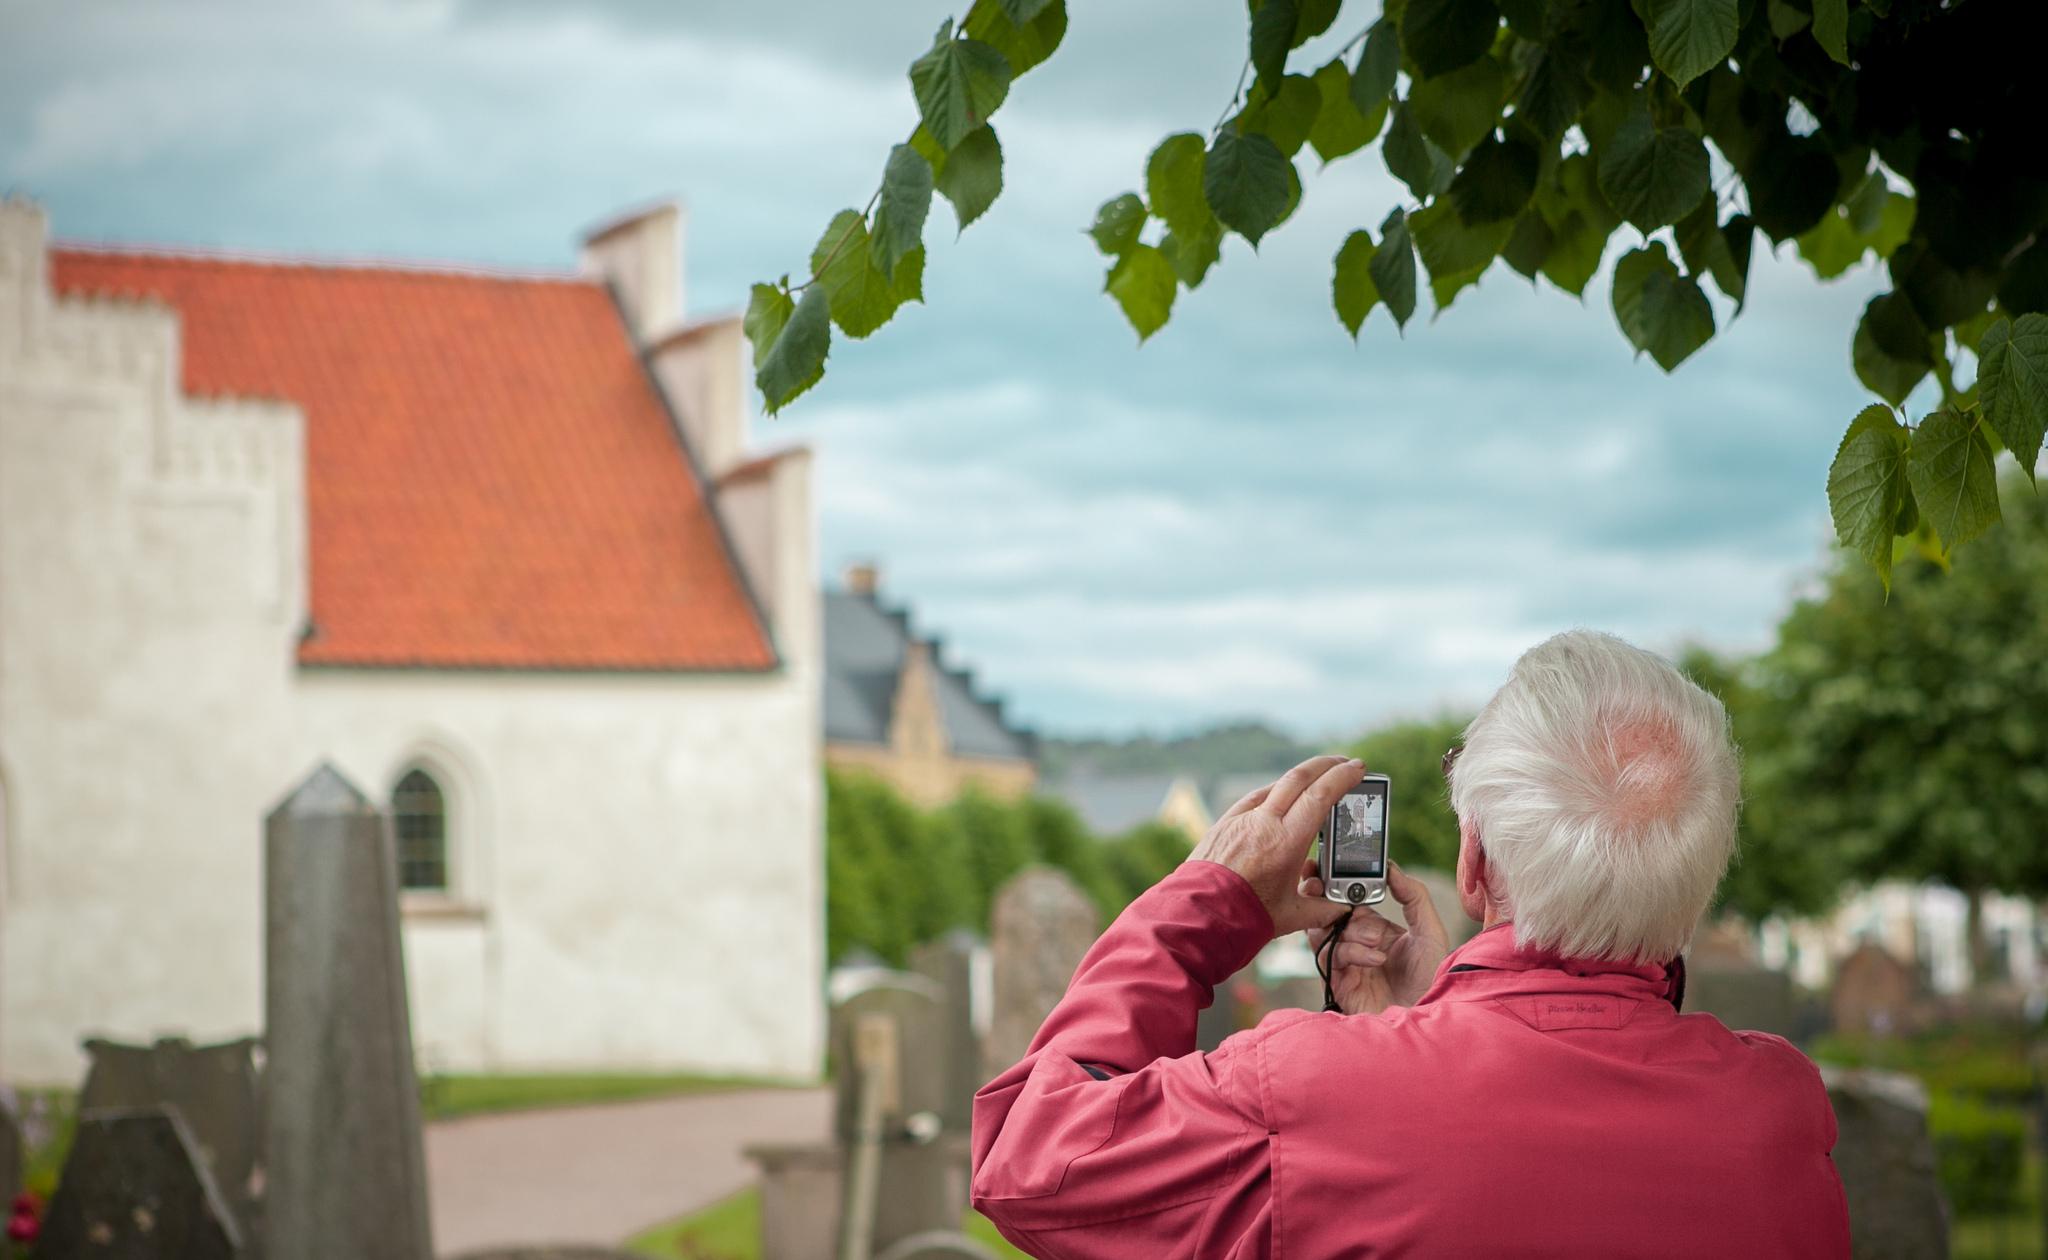 Siūlome socialinės priežiūros paslaugas senelio, ligonio ar neįgalaus žmogaus namuose Lietuvoje ir Vokietijoje.